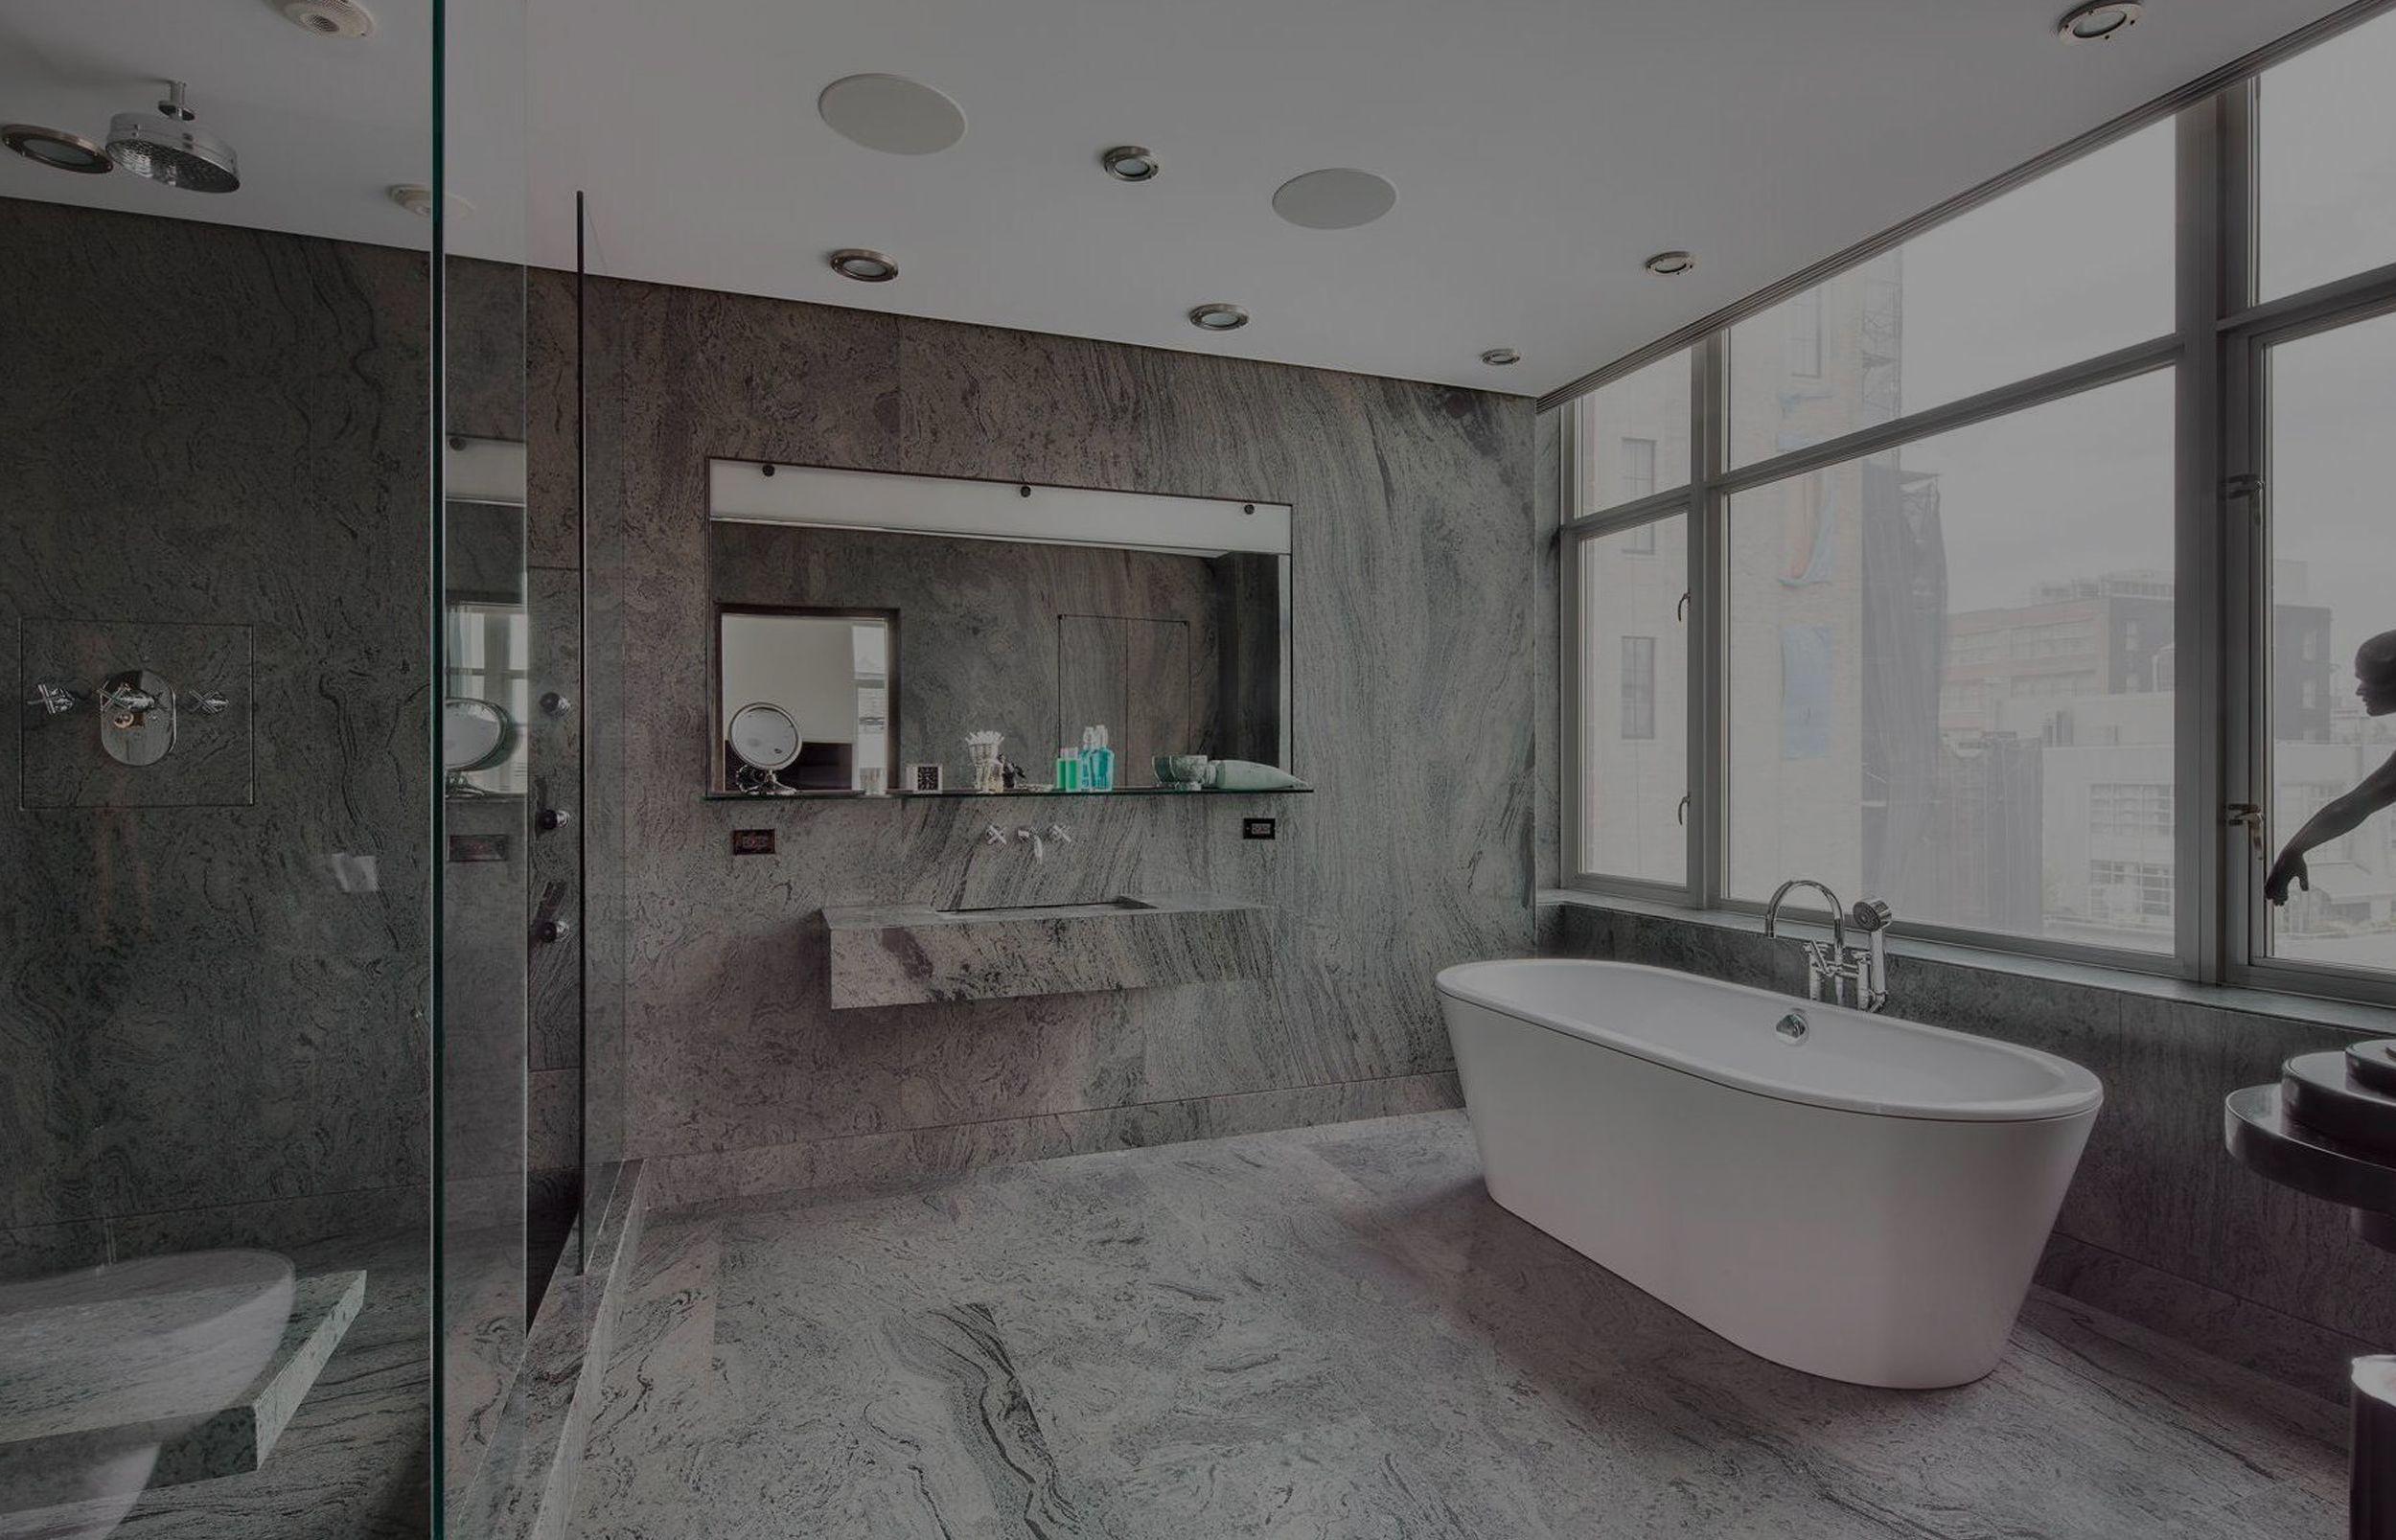 Modular Kitchen In Delhi Http Www Ageesbath In Grey Bathrooms Designs Bathroom Remodel Ideas Grey Modern Bathroom Design [ 1607 x 2500 Pixel ]